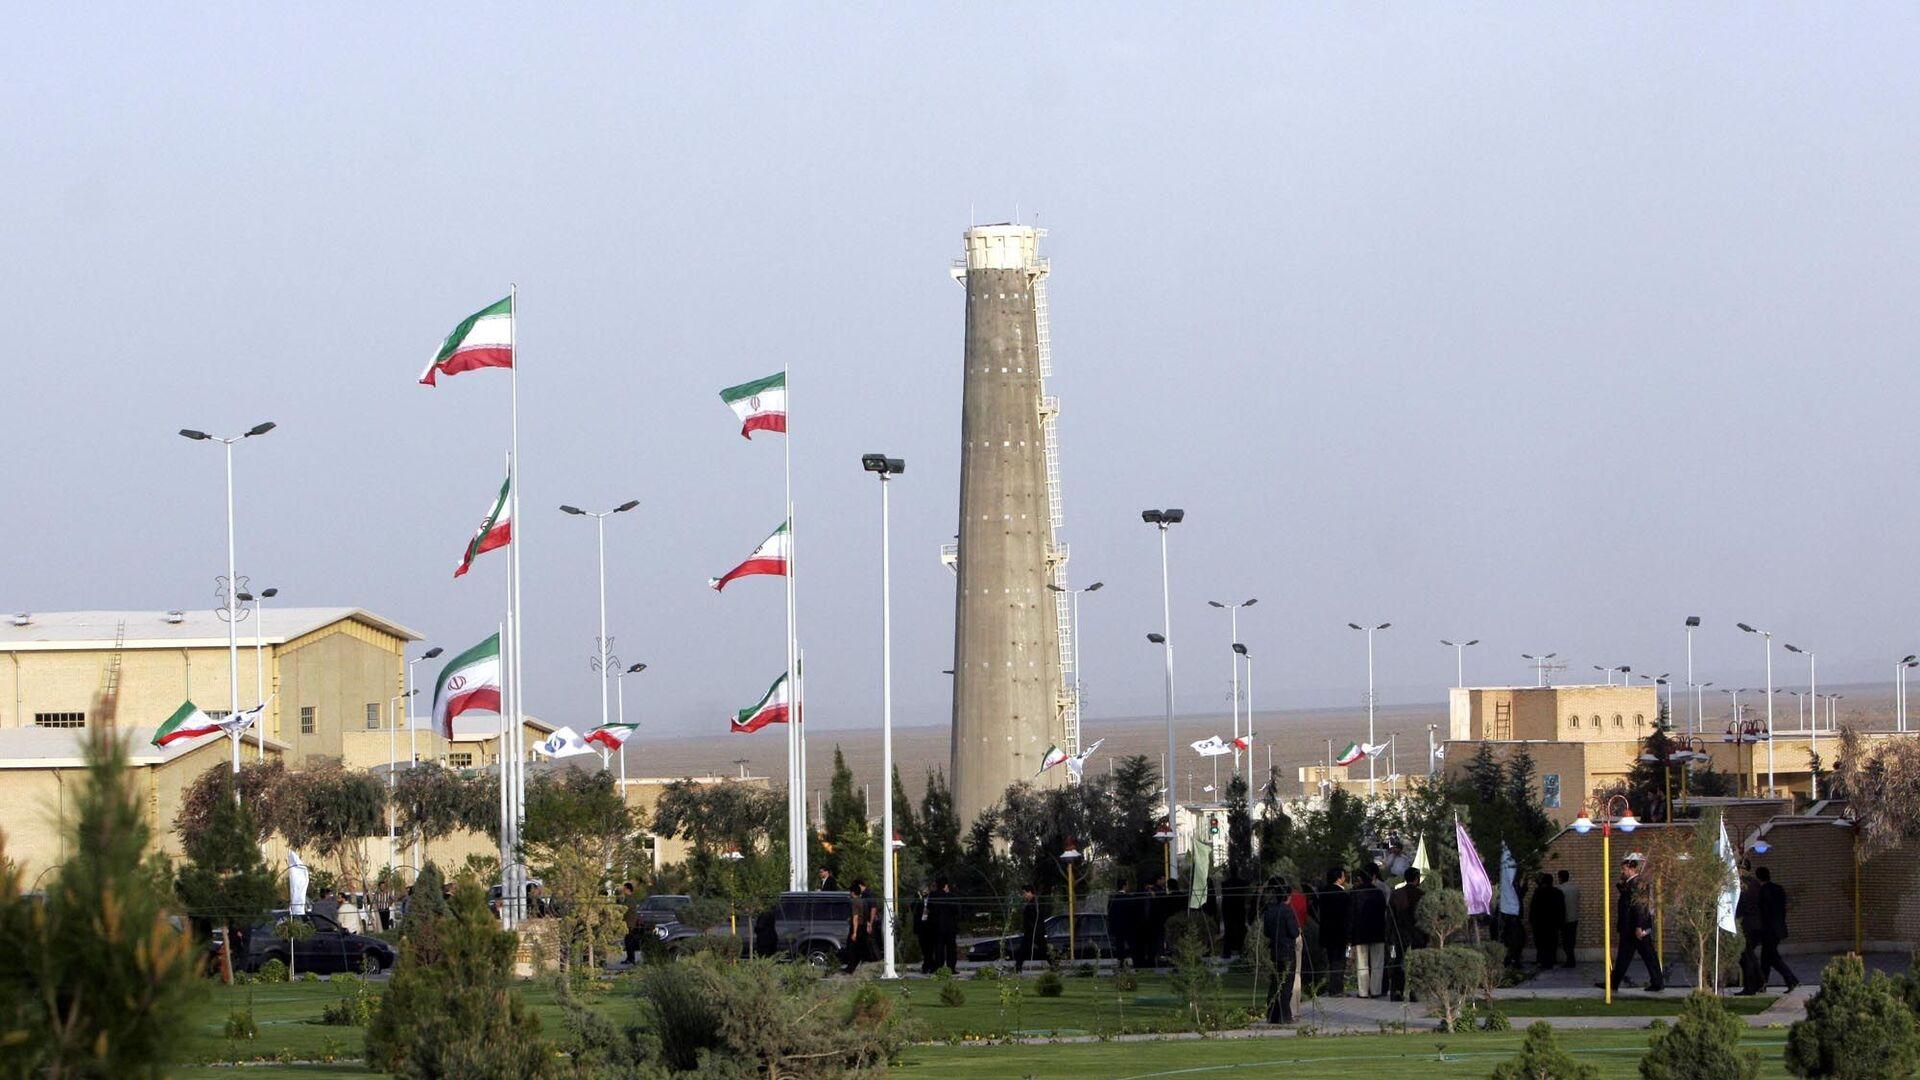 L'impianto di arricchimento dell'uranio di Natanz, Iran - Sputnik Italia, 1920, 11.04.2021